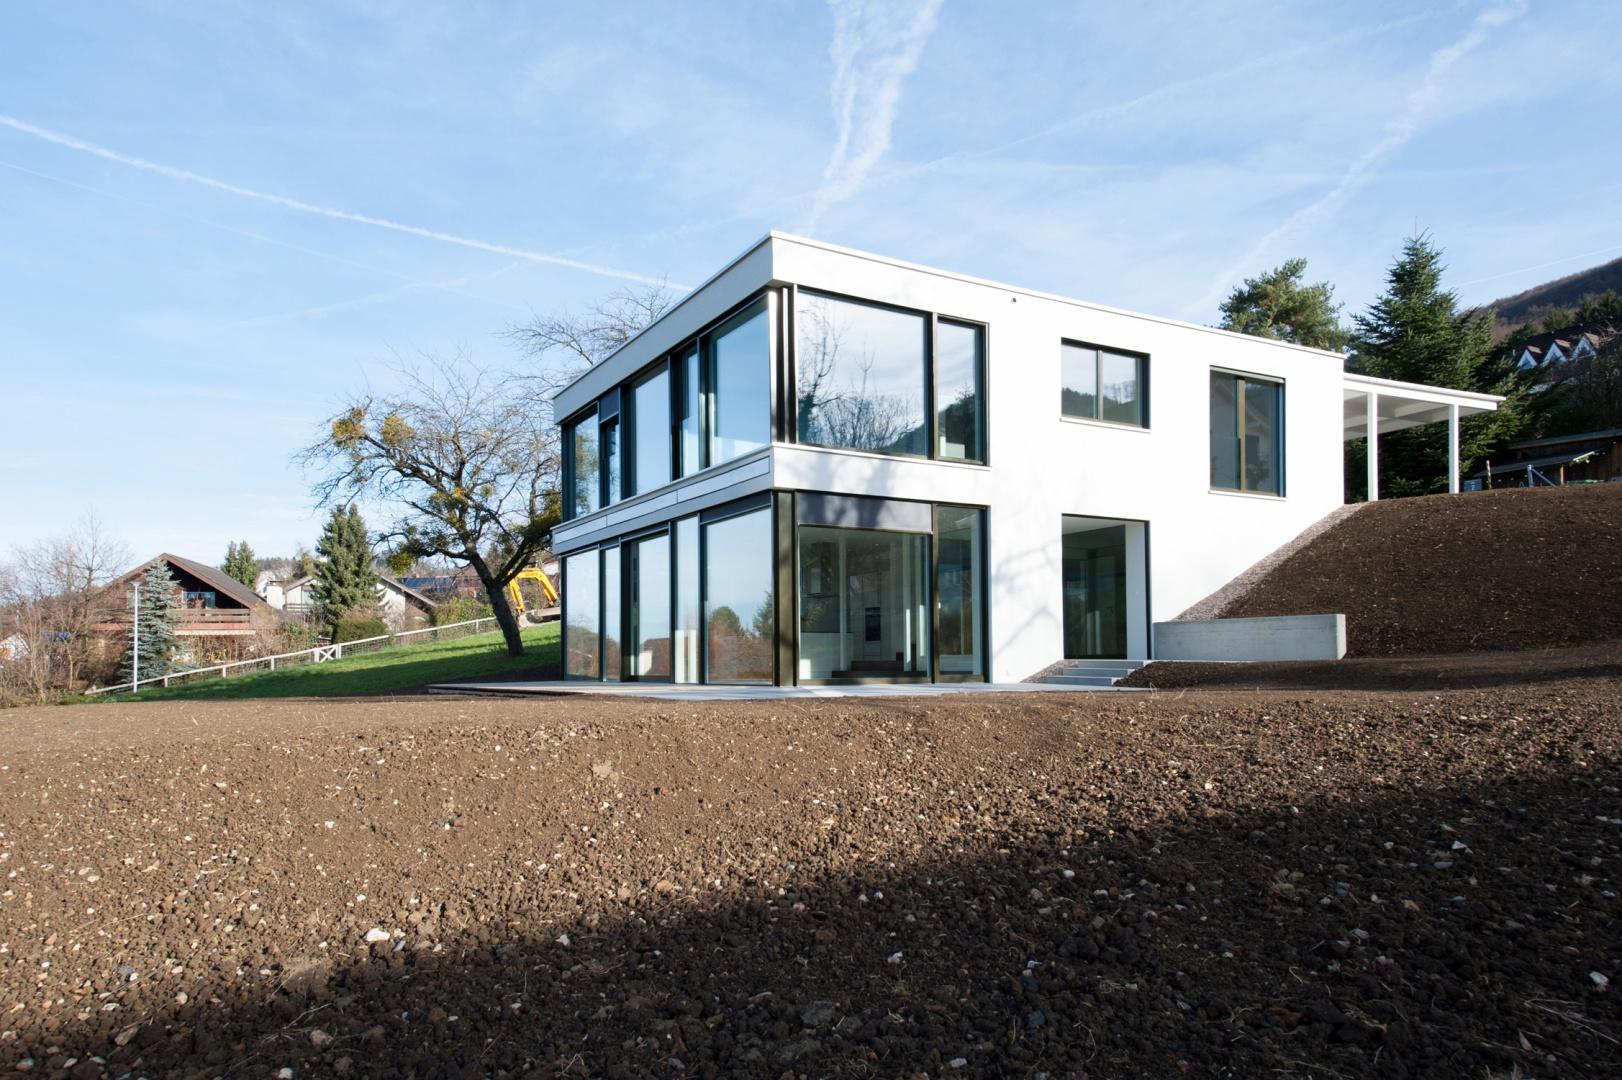 Südwestansicht © Juho Nyberg Architektur GmbH, Forchstrasse 30, 8008 Zürich